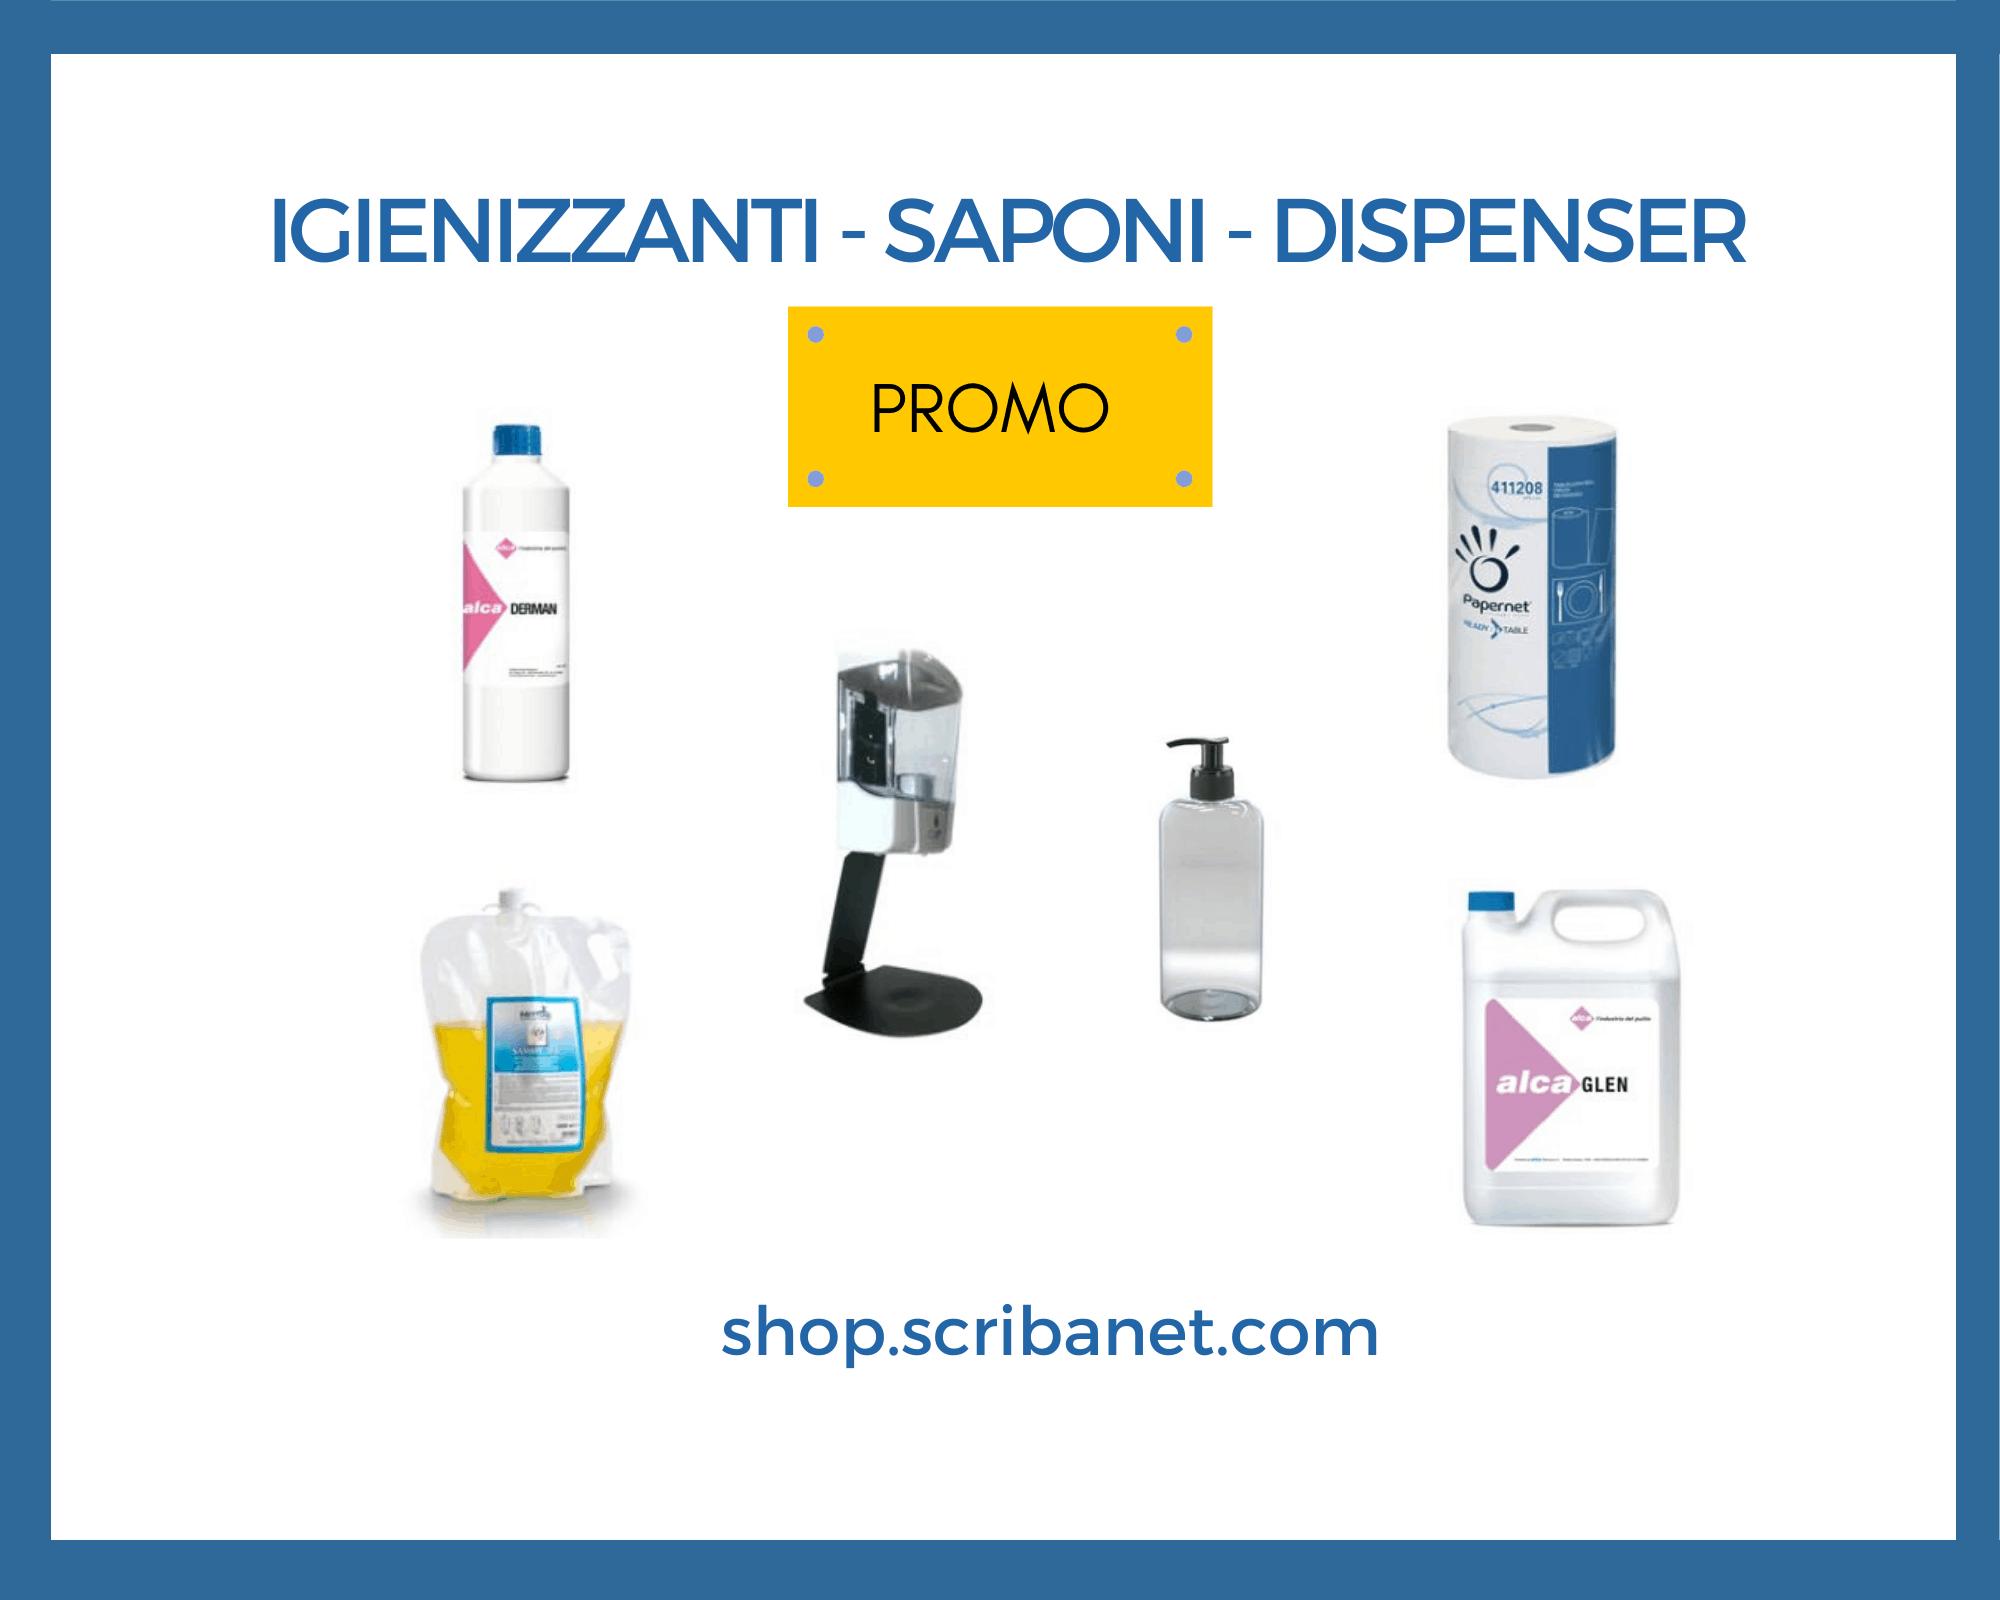 Igienizzanti e saponi